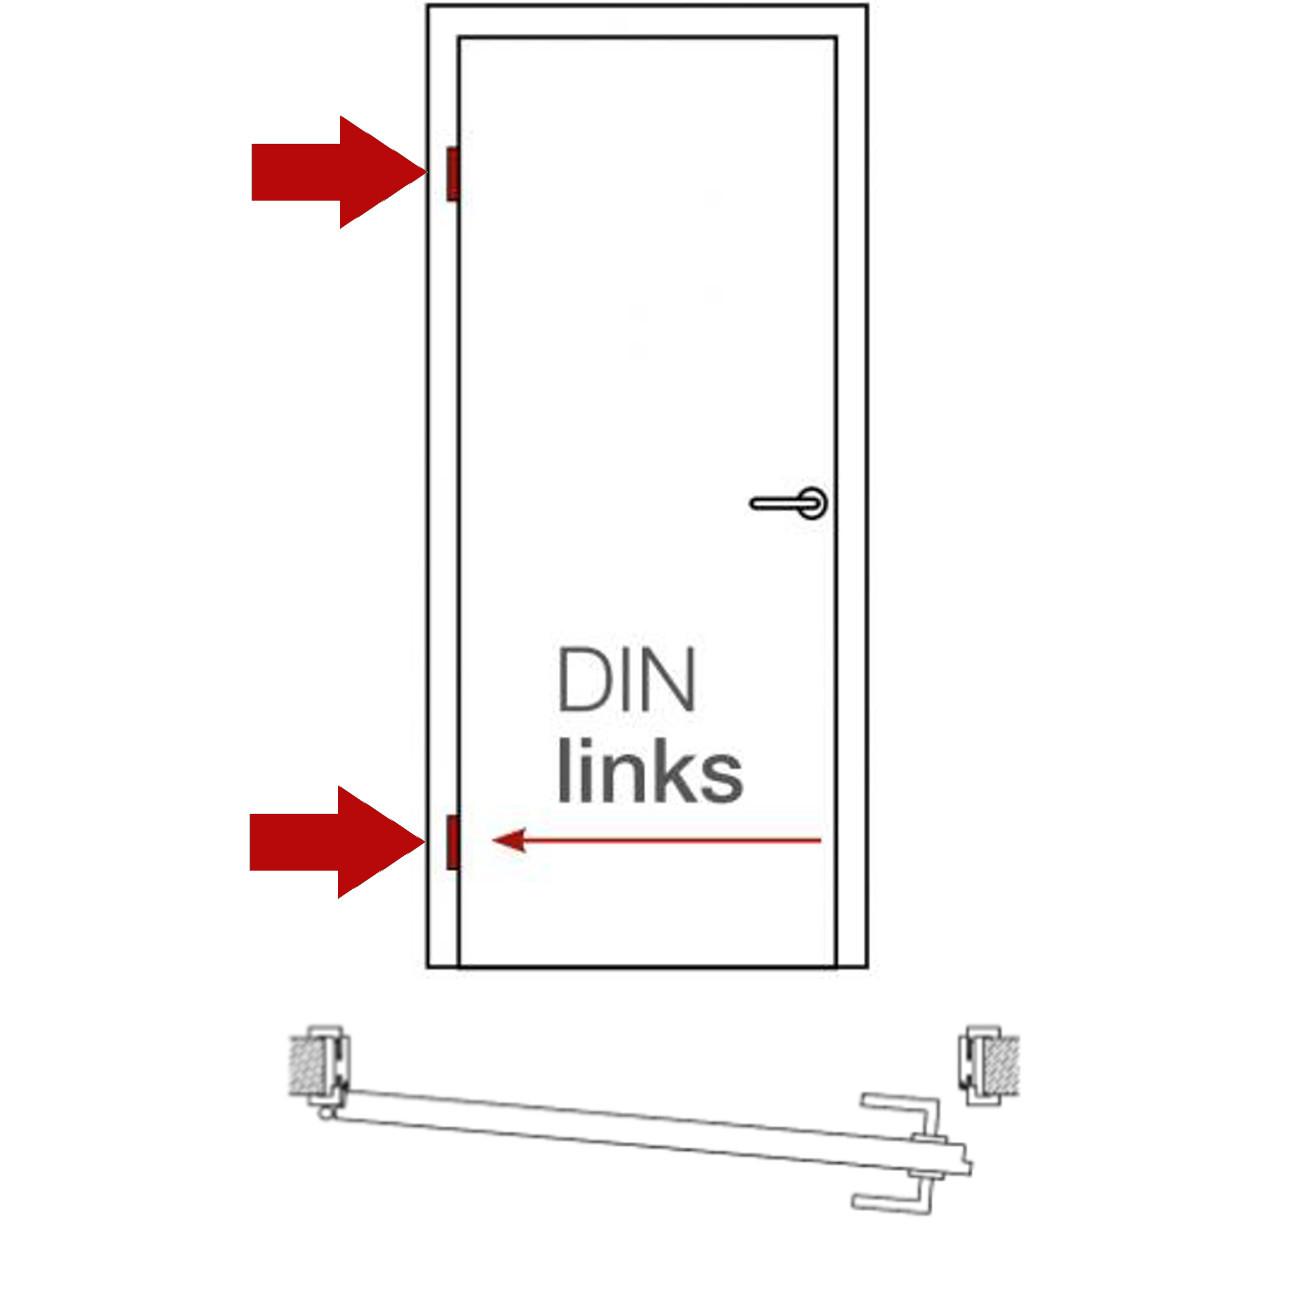 Din-links-1